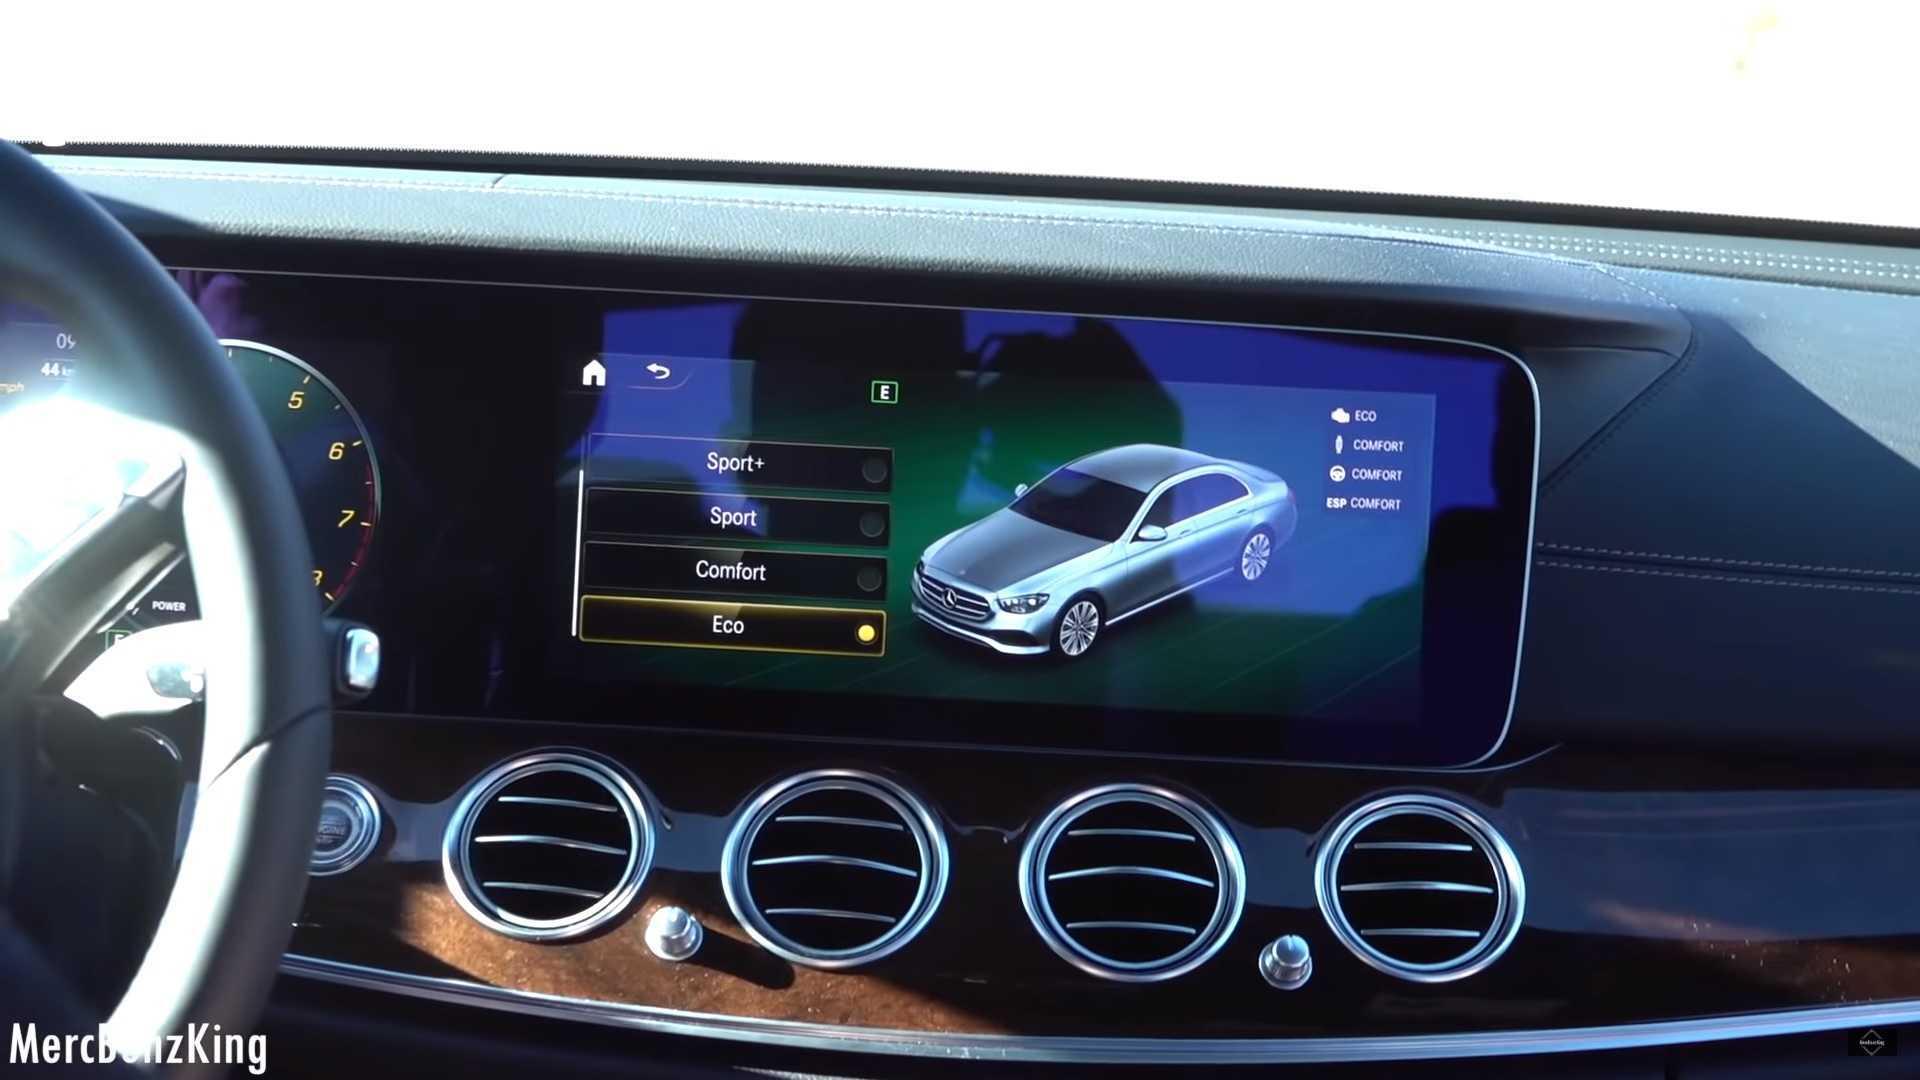 Mercedes enthüllt versehentlich neue E-Klasse ohne Tarnung